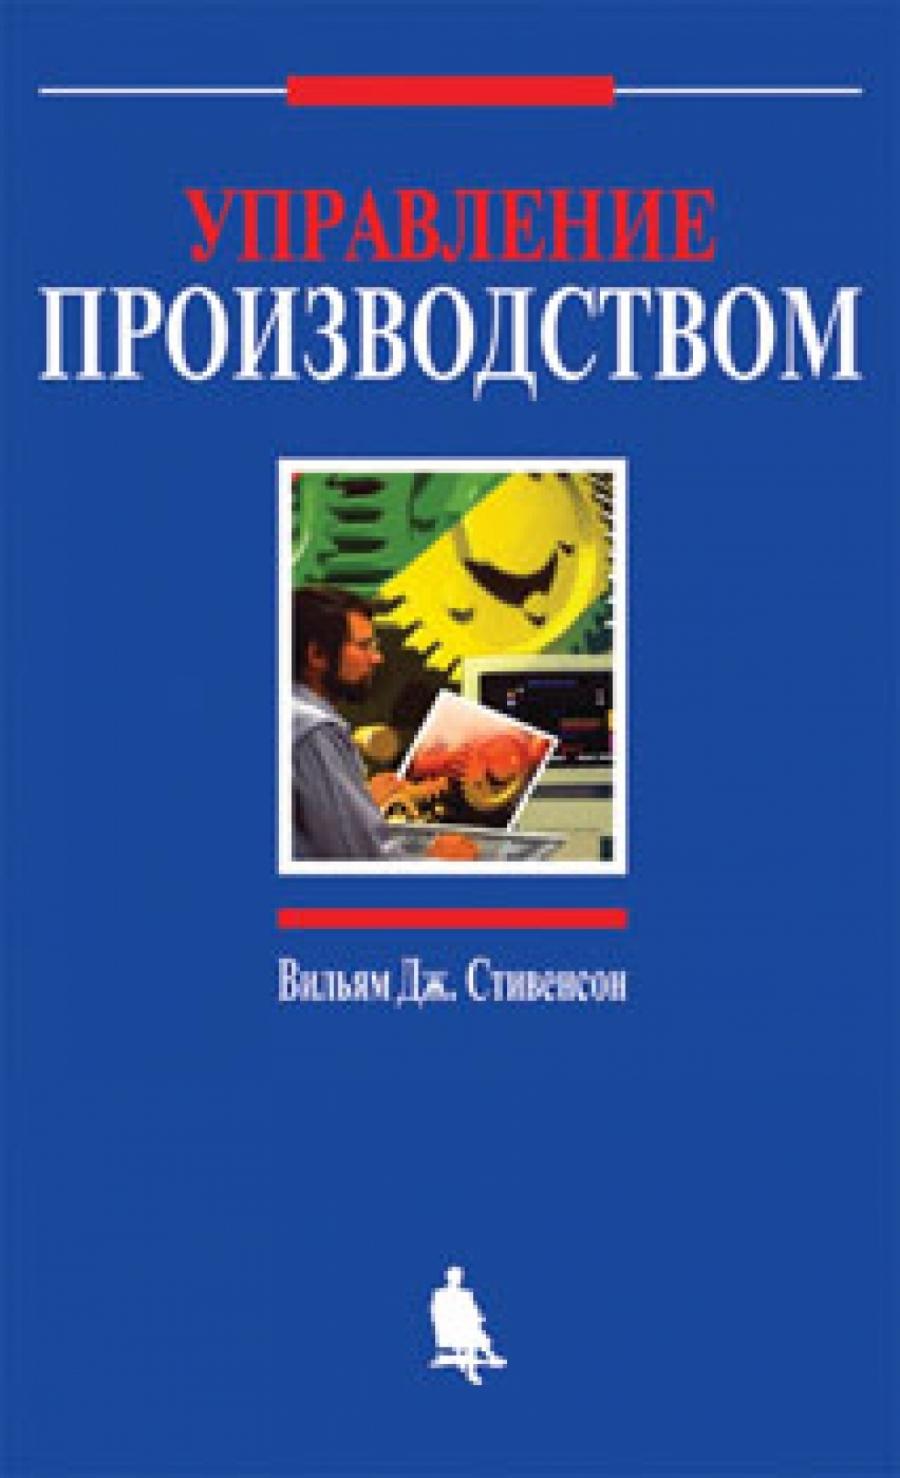 Обложка книги:  вильям дж. стивенсон william j. stevenson - управление производством